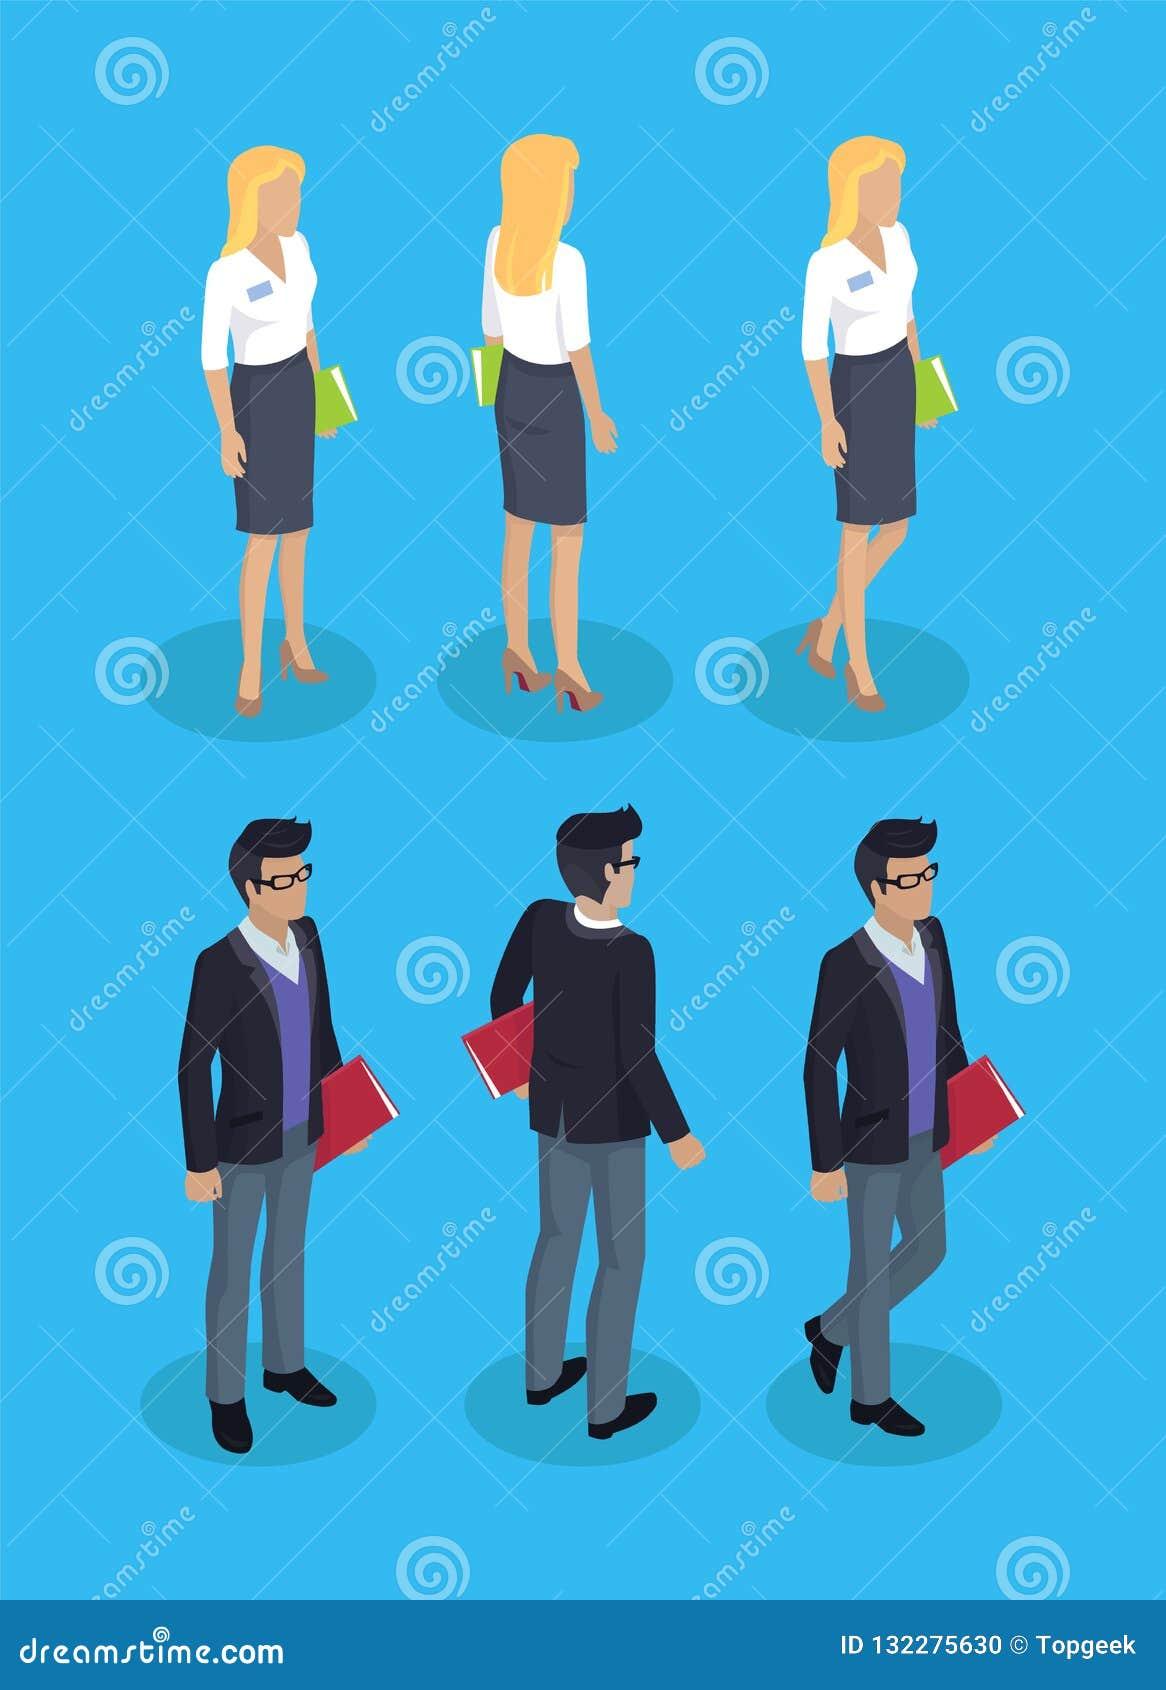 Kobieta i mężczyzn urzędnicy wektoru ilustracja